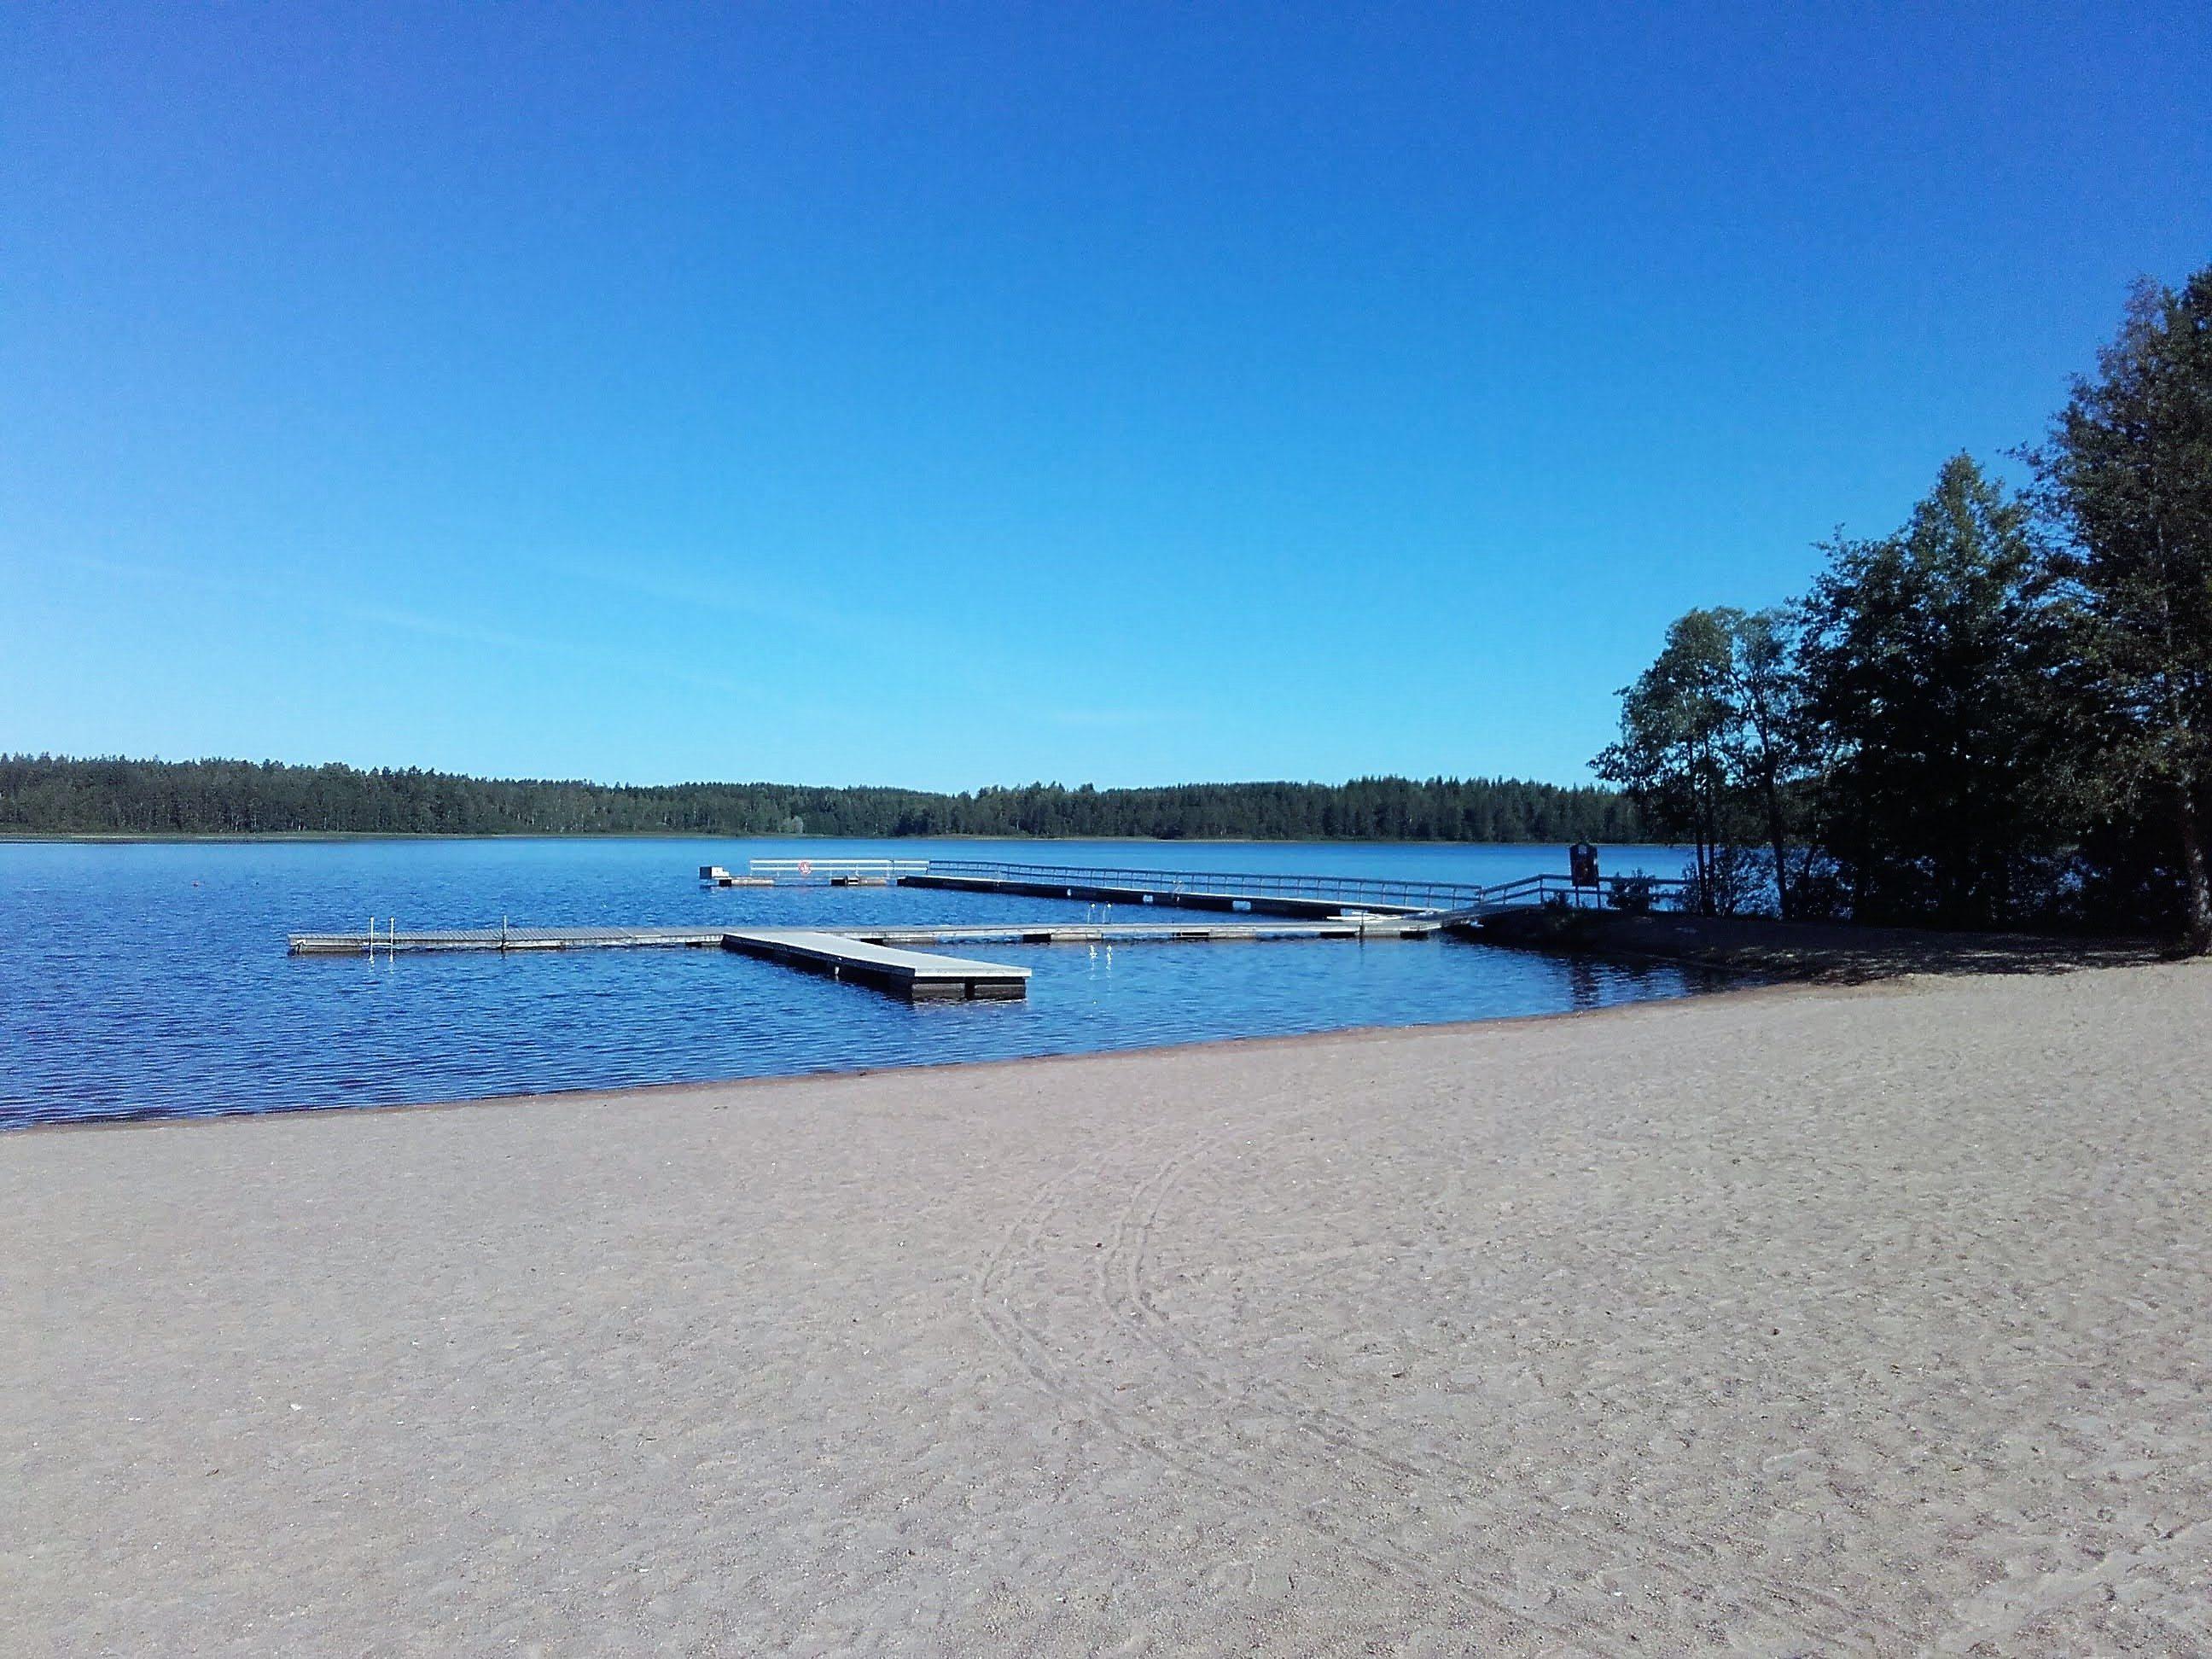 Käyrälammen uimaranta. Kesäinen hiekkaranta. Järvessä pitkä laituri.